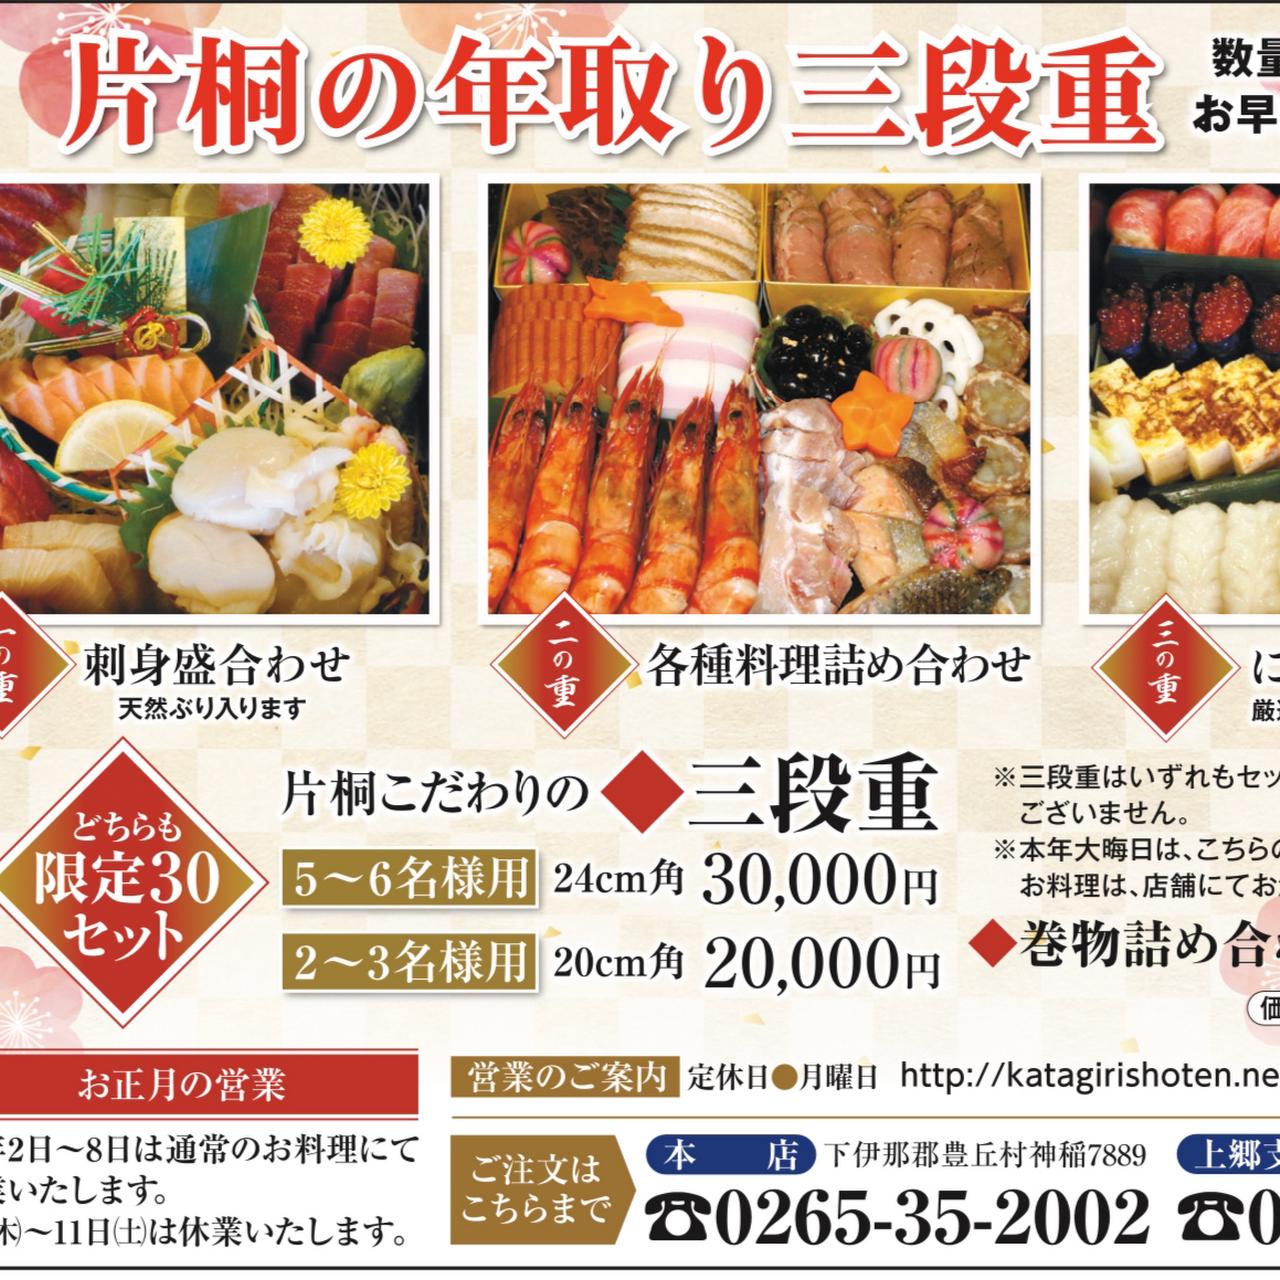 飯田 市 仕出し 弁当